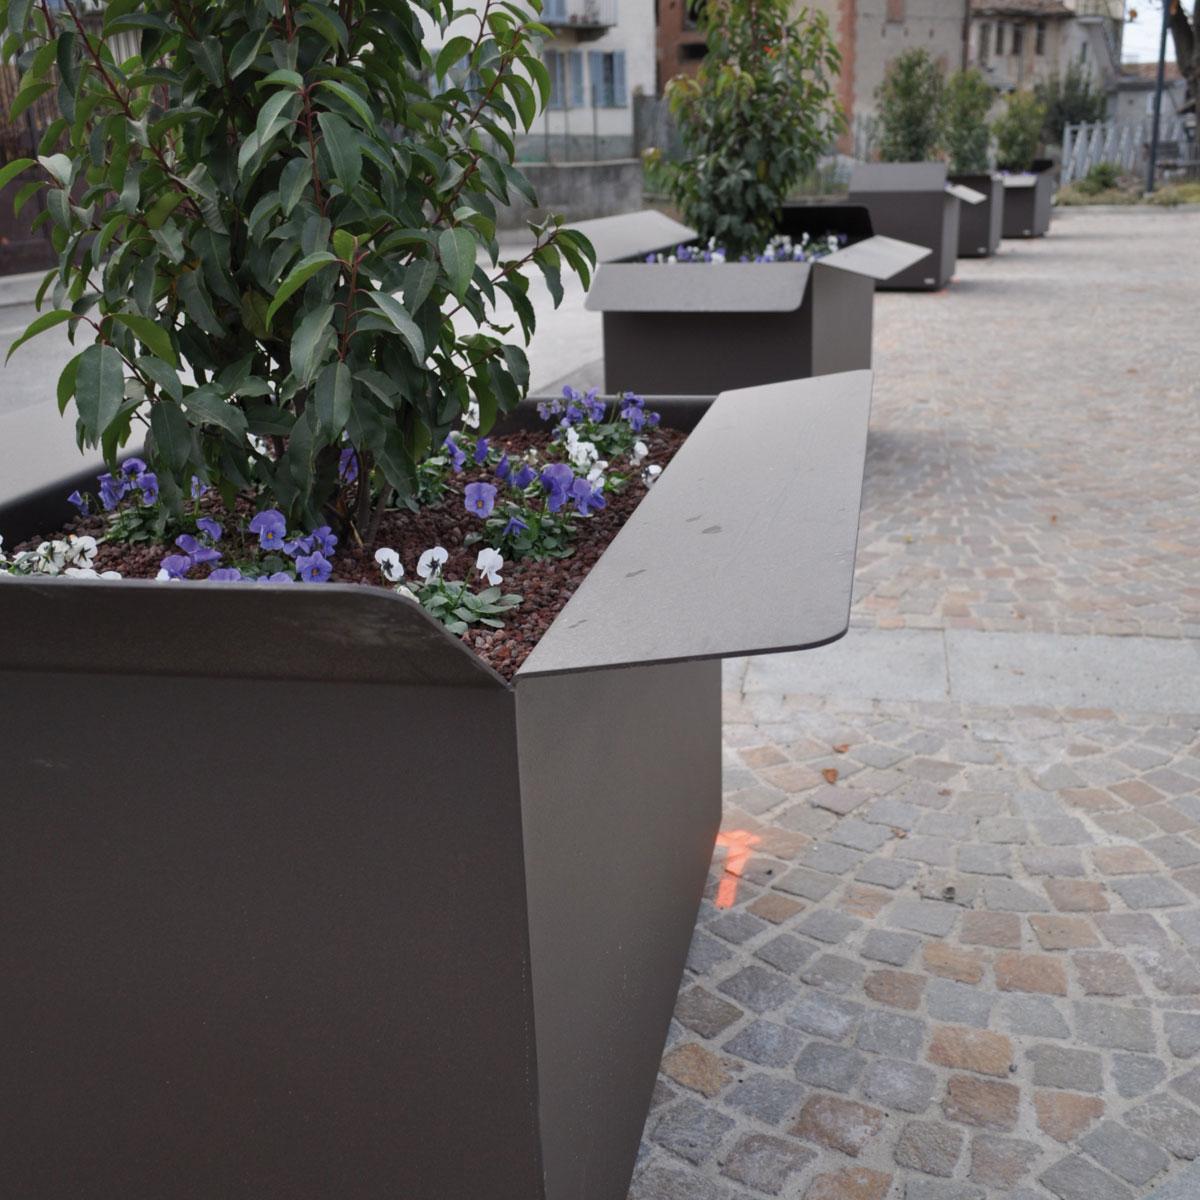 arredo-urbano-fioriera-planter-box LAB23